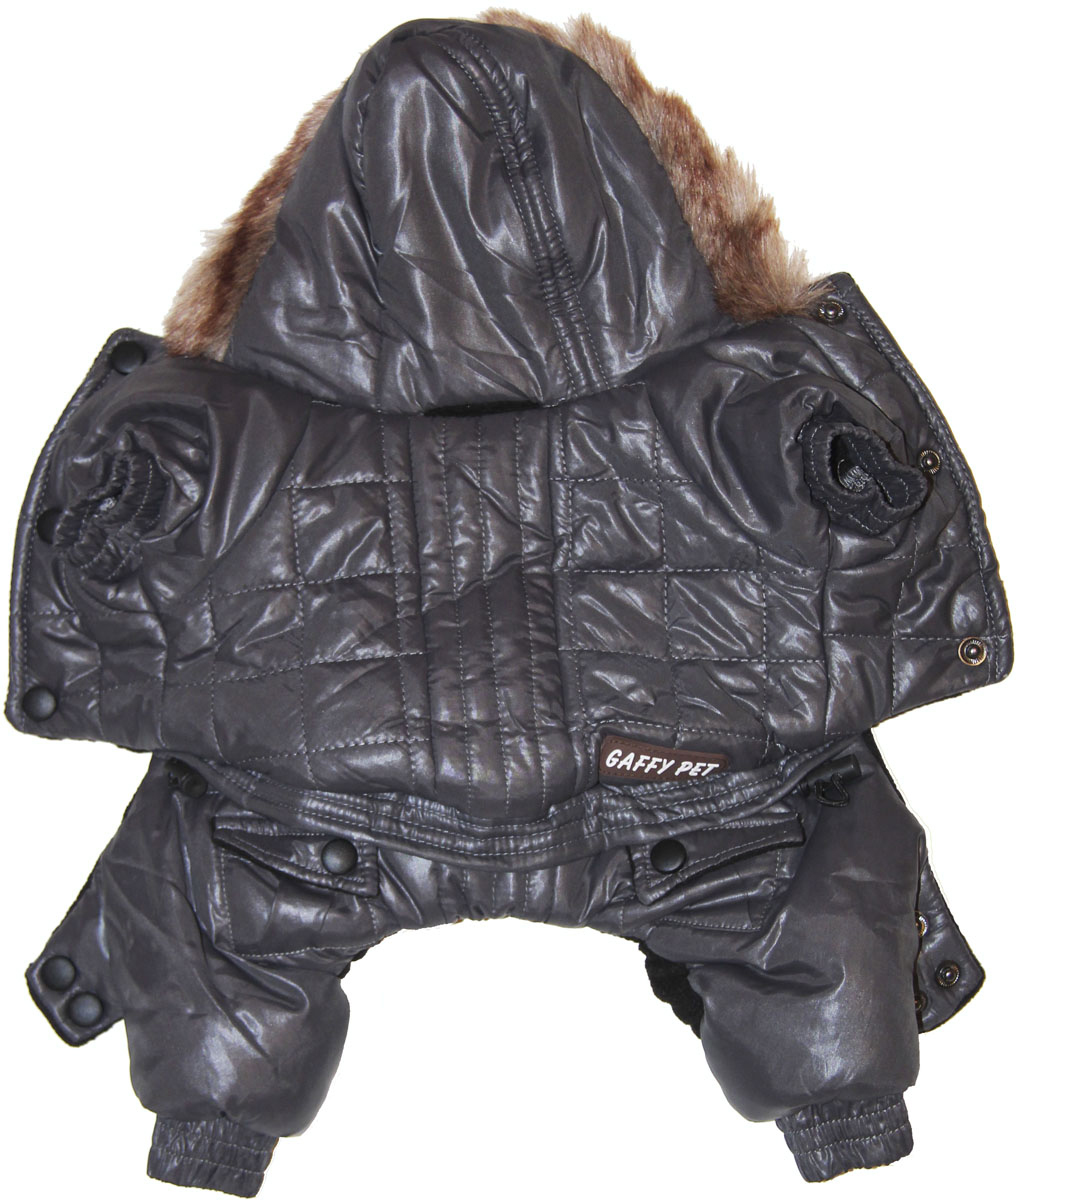 Комбинезон для собак Gaffy Pet Charcoal, зимний, для мальчика, цвет: черный. Размер XL комбинезон для собак pret a pet цвет белый красный размер xs